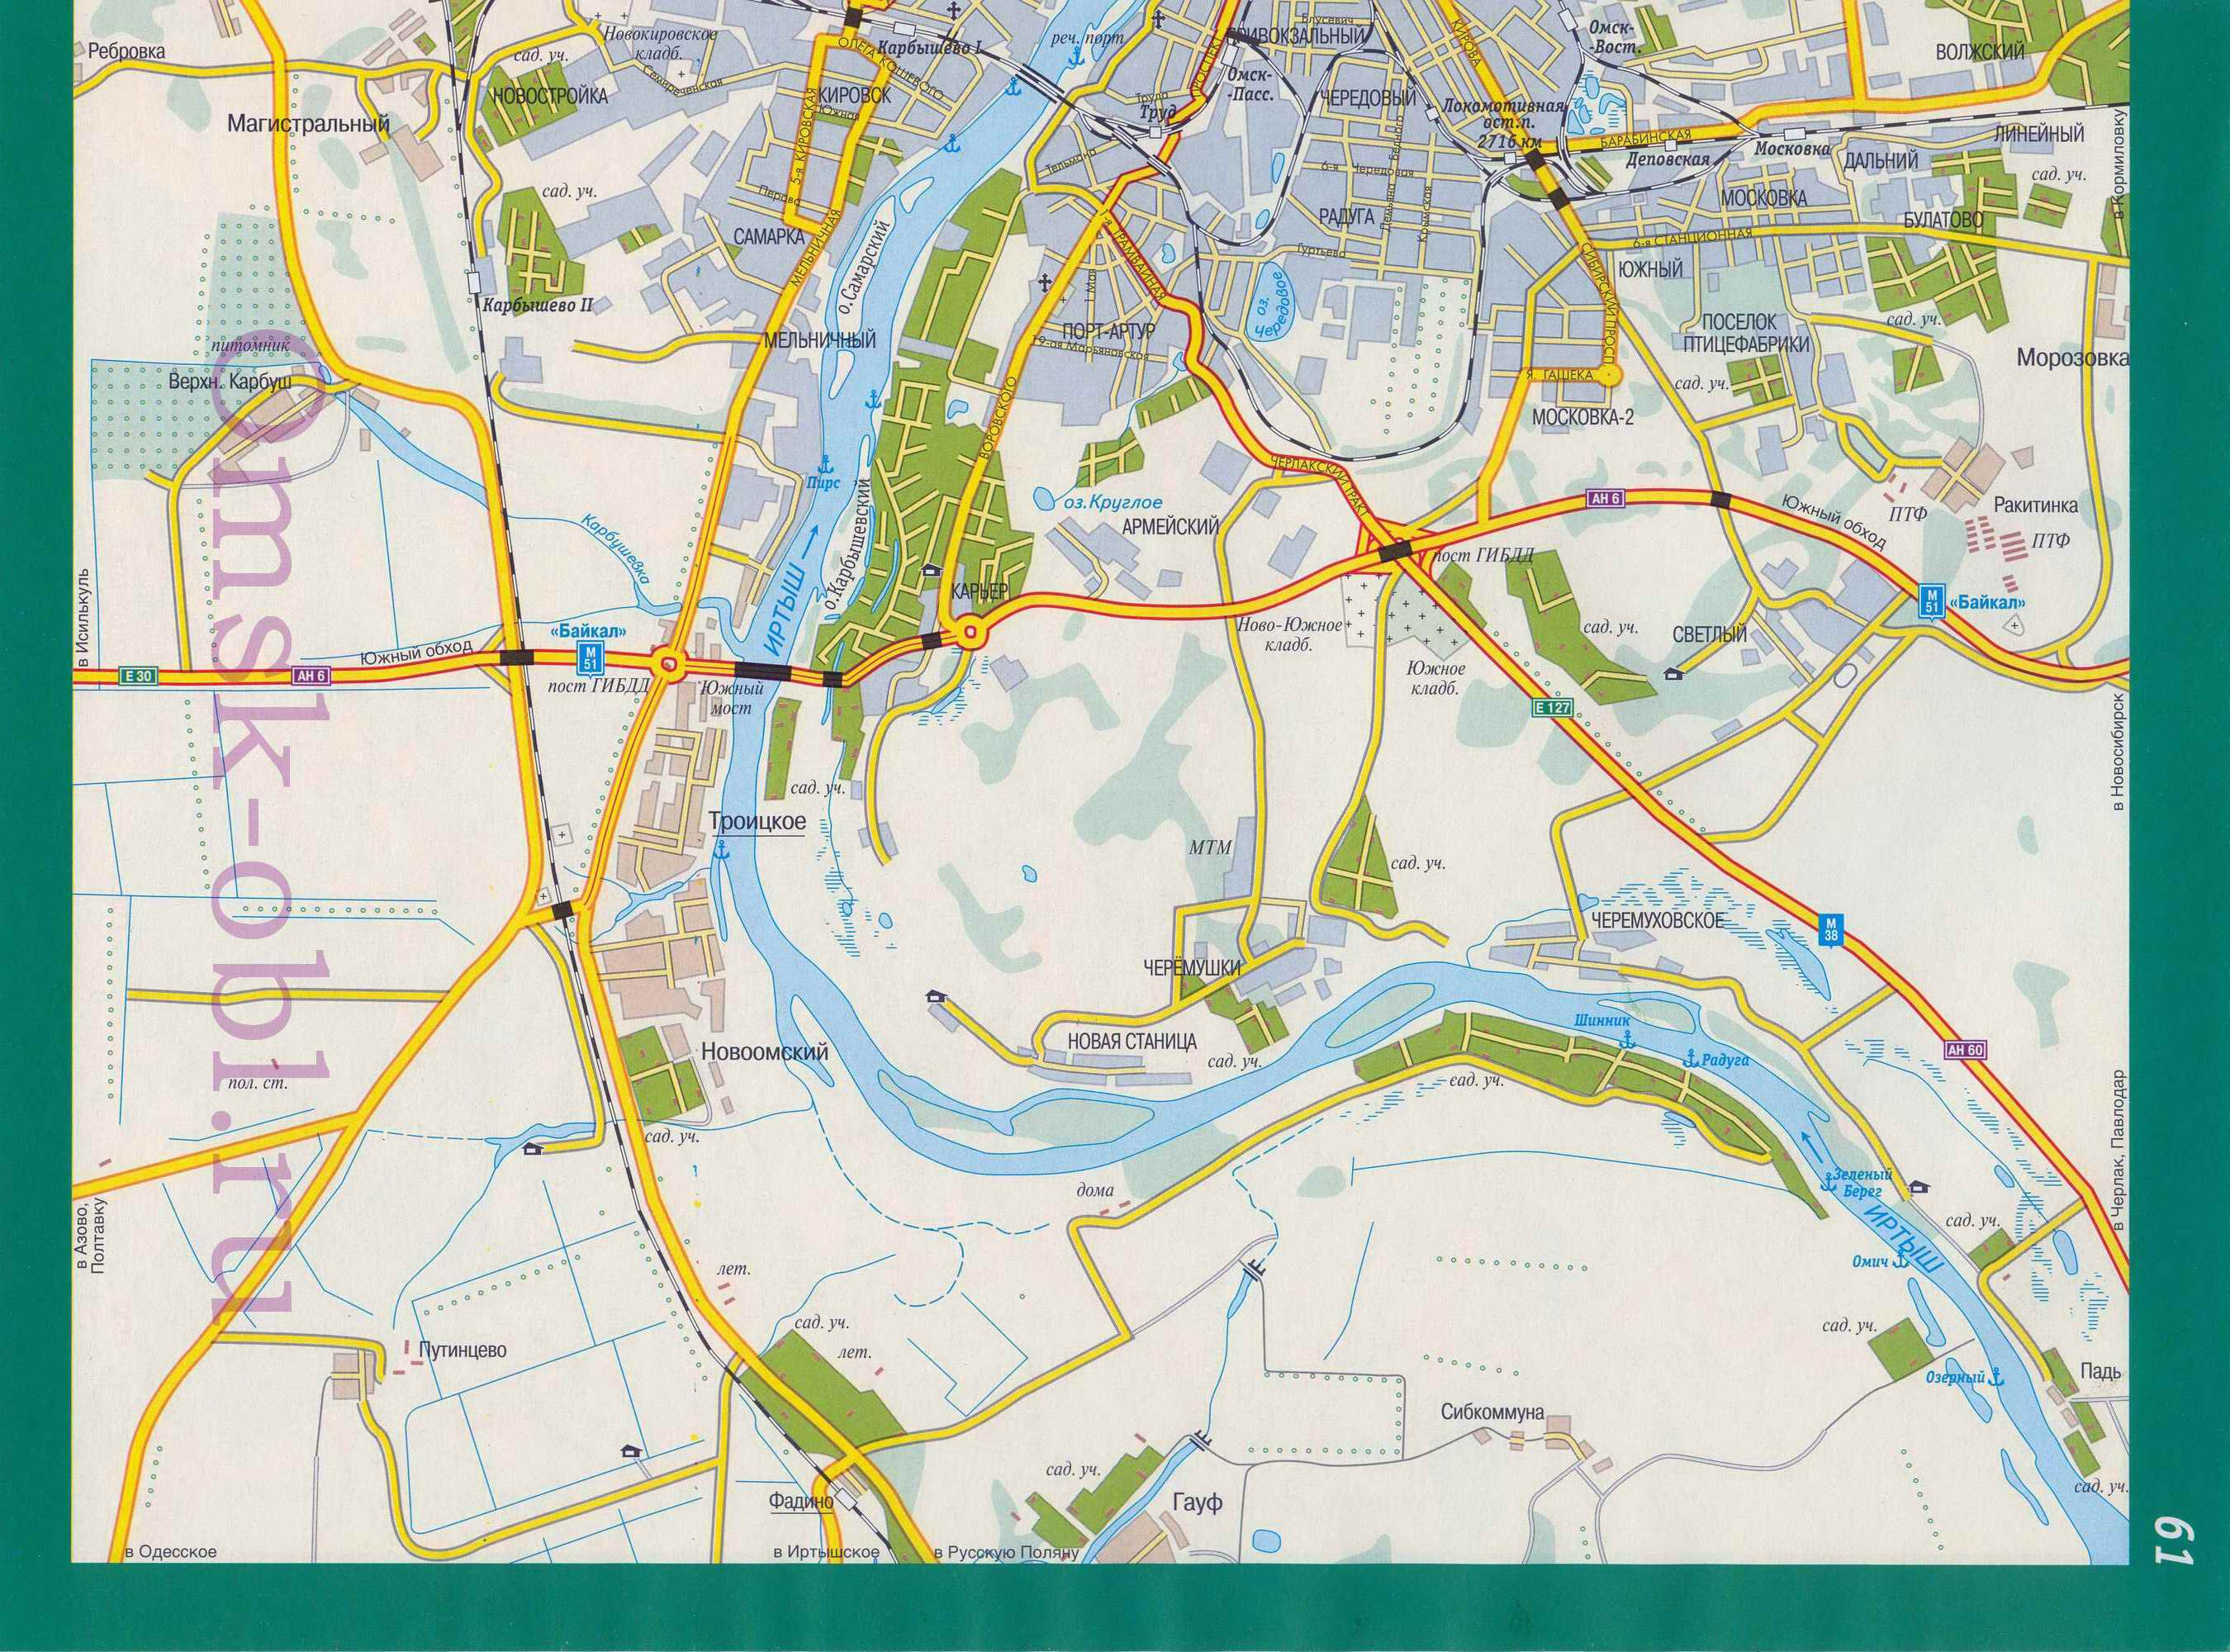 Карта города Омск.  Автомобильные дороги Омска - подробная карта-схема.